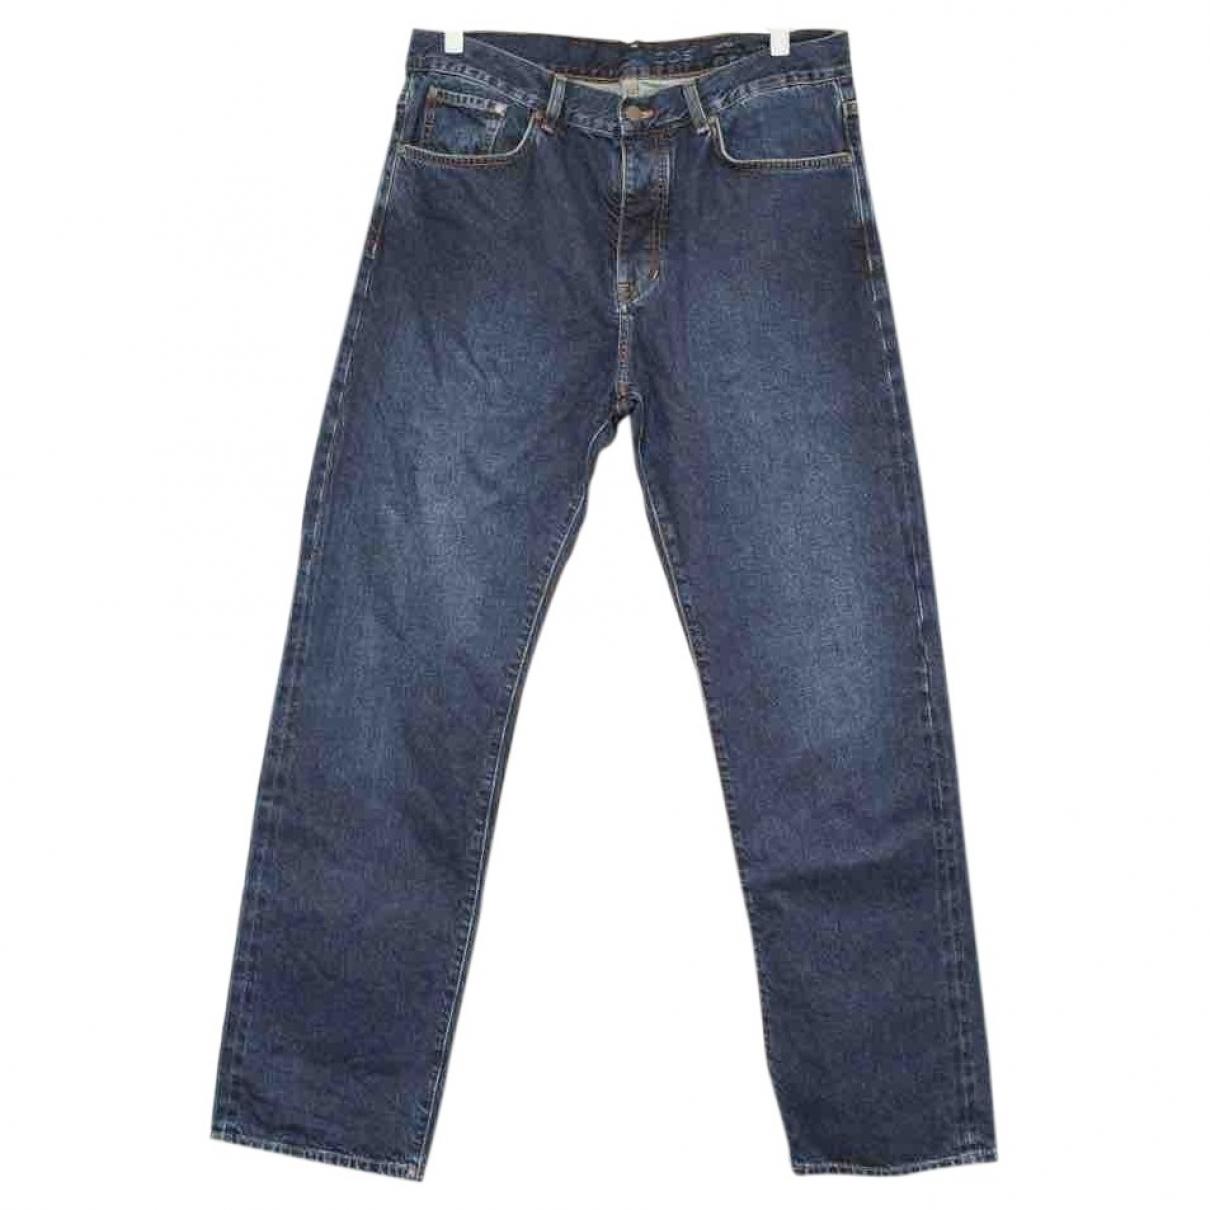 Cos \N Blue Cotton Jeans for Men 33 US